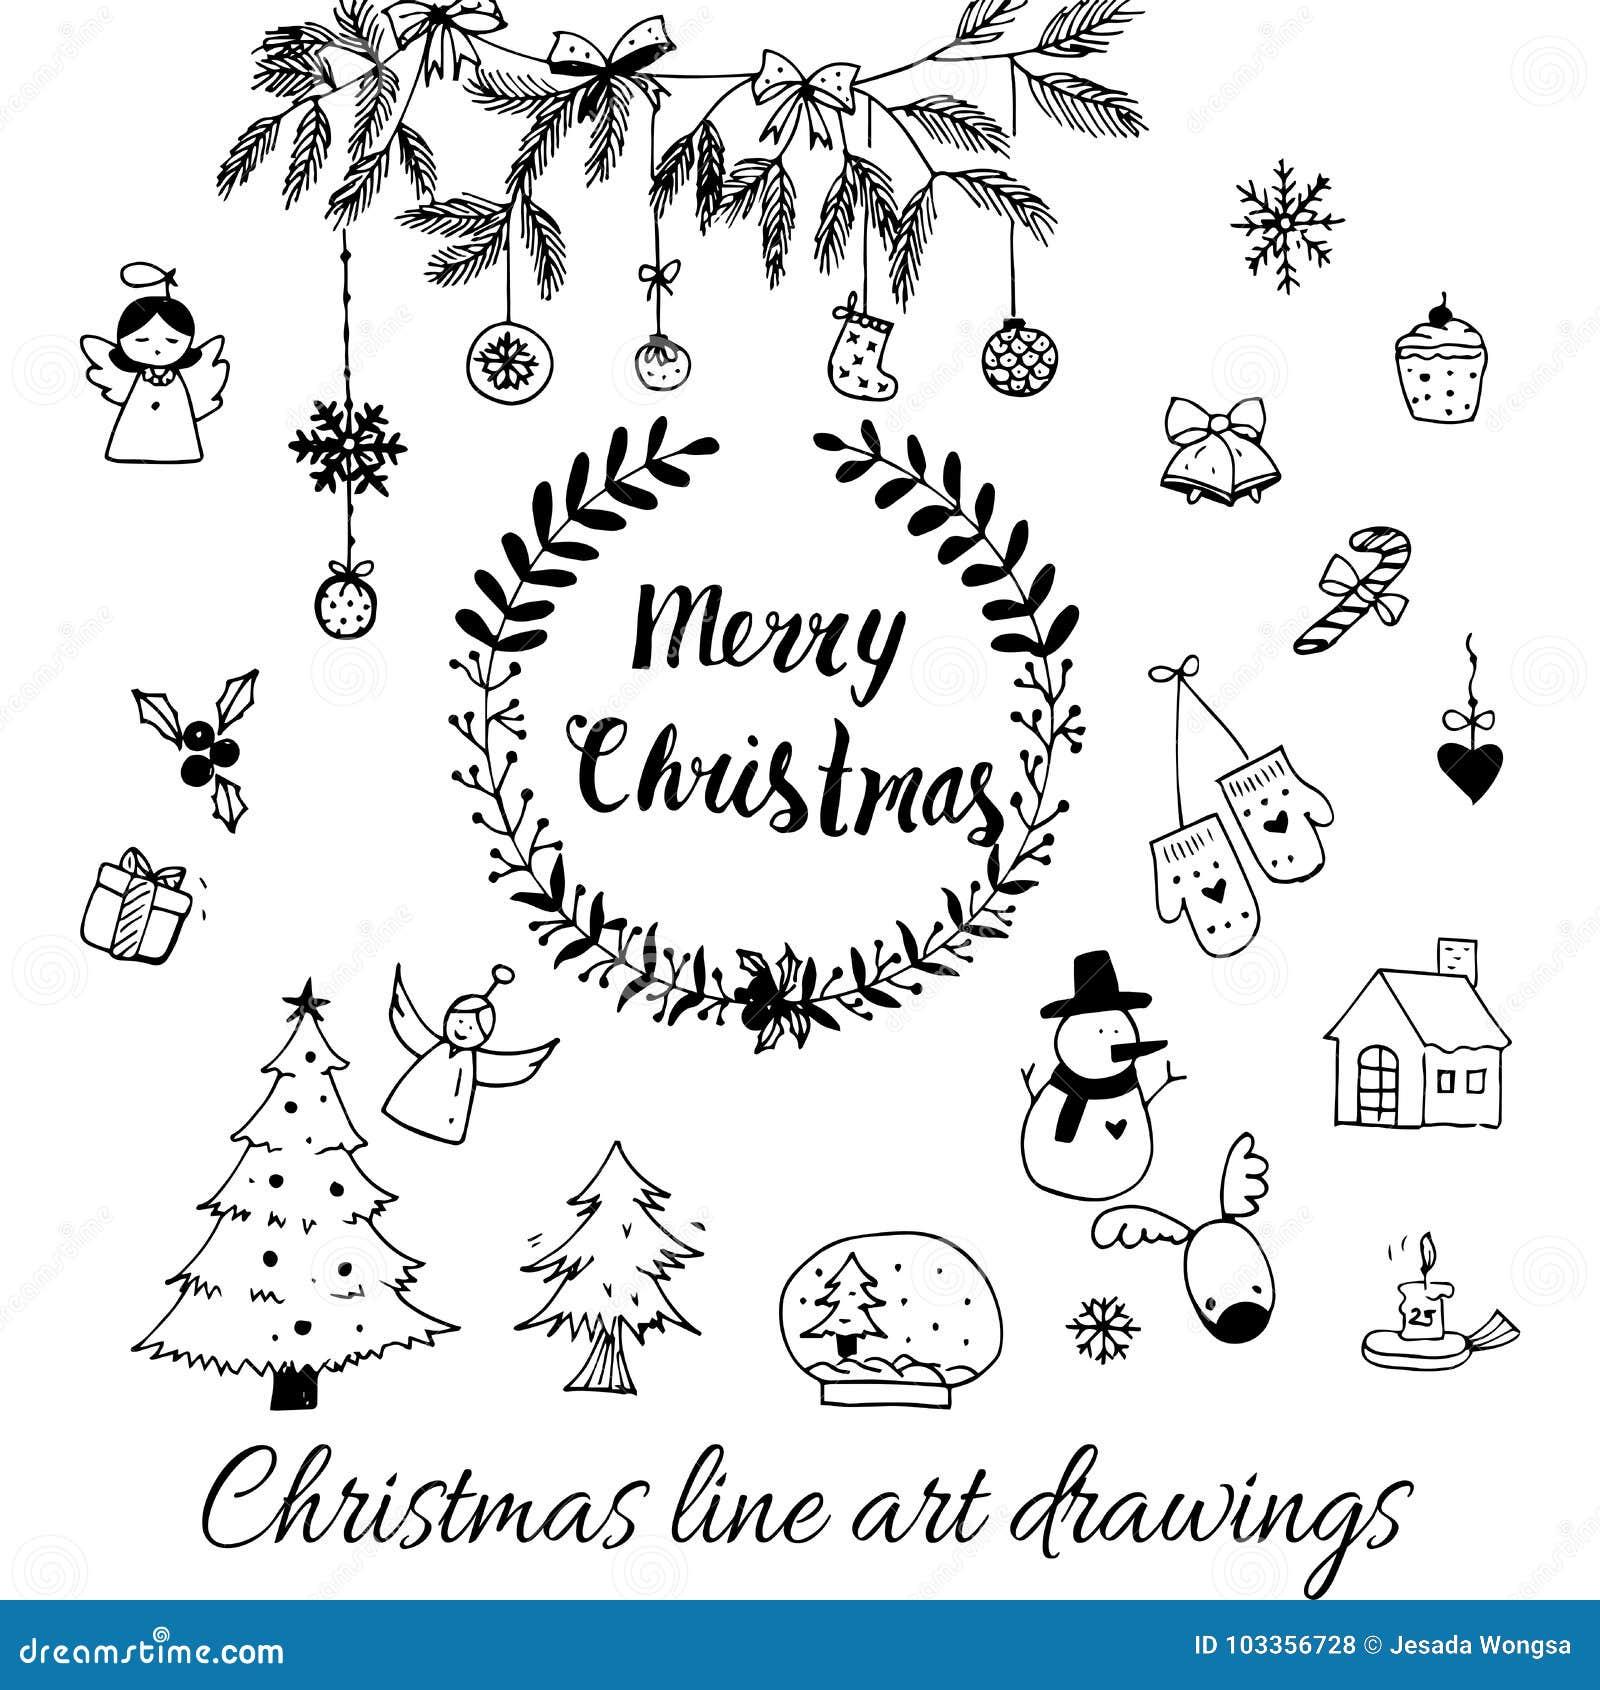 Disegni Di Natale Vettoriali.Vettore Disegnato A Mano Di Scarabocchio Linea Disegni Di